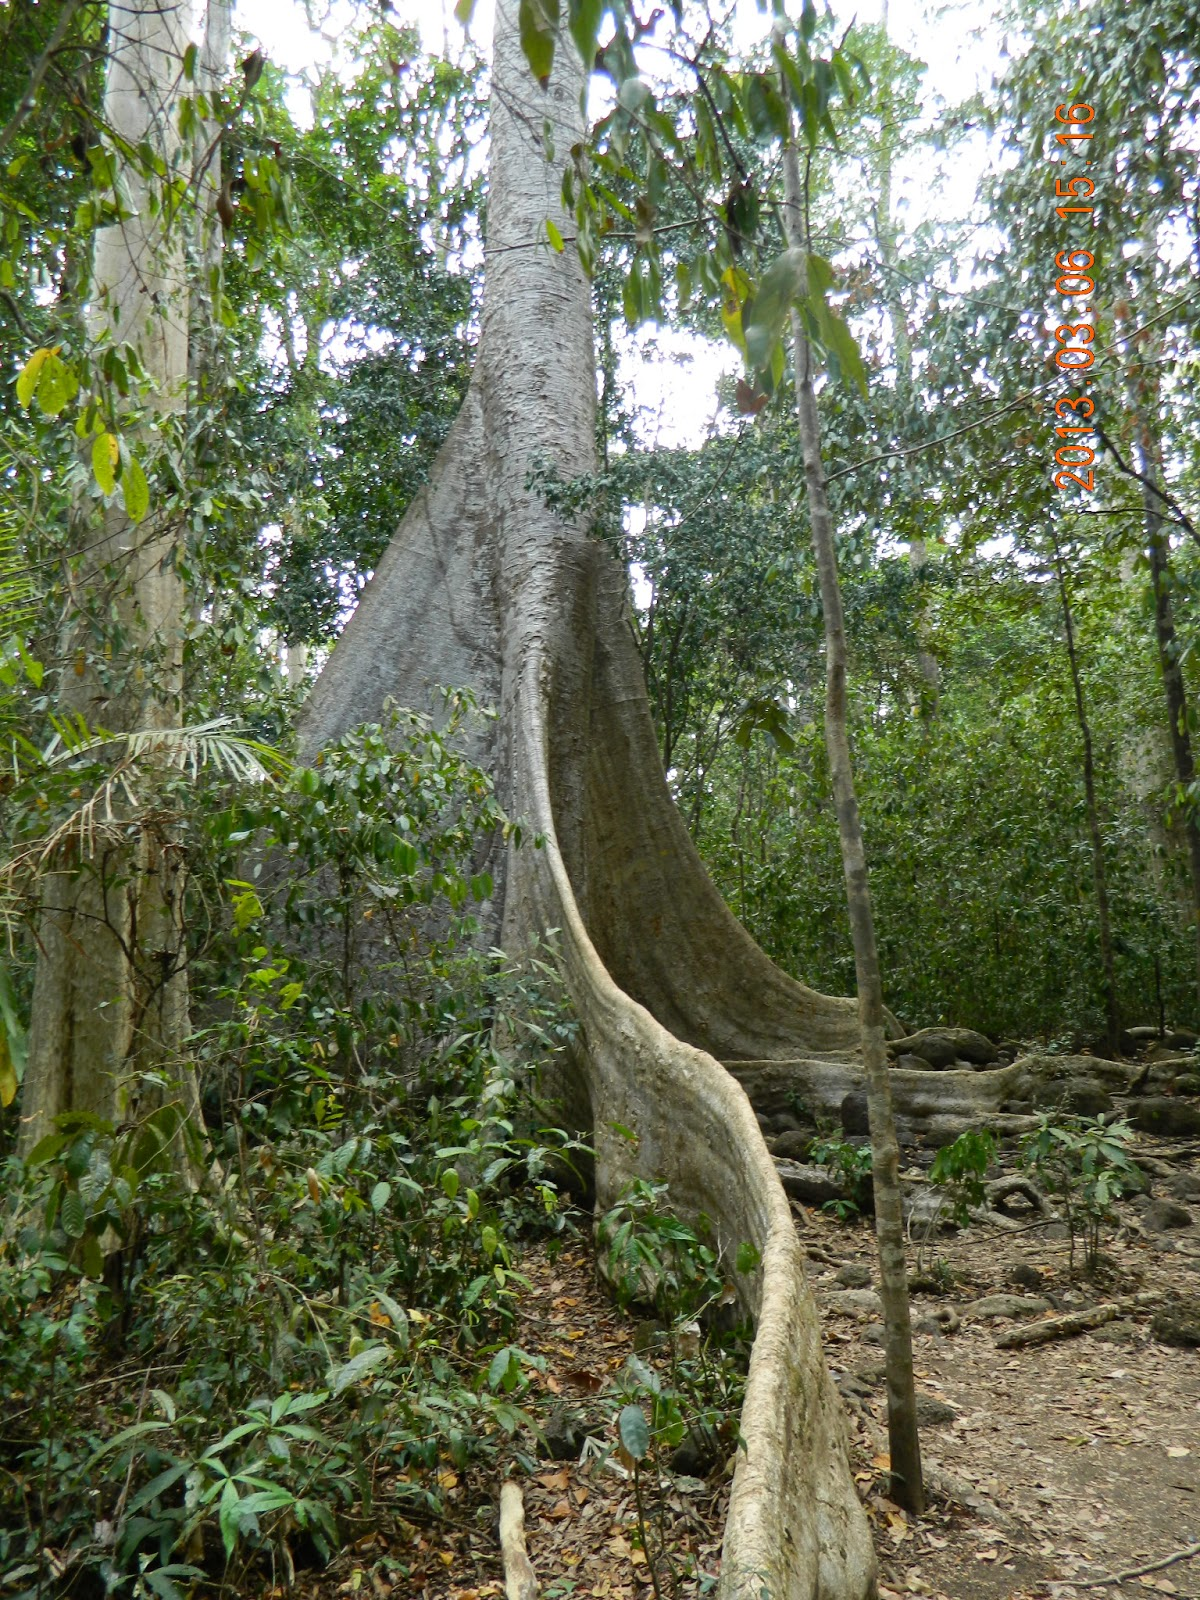 Ðại kinh Thí dụ Lõi cây